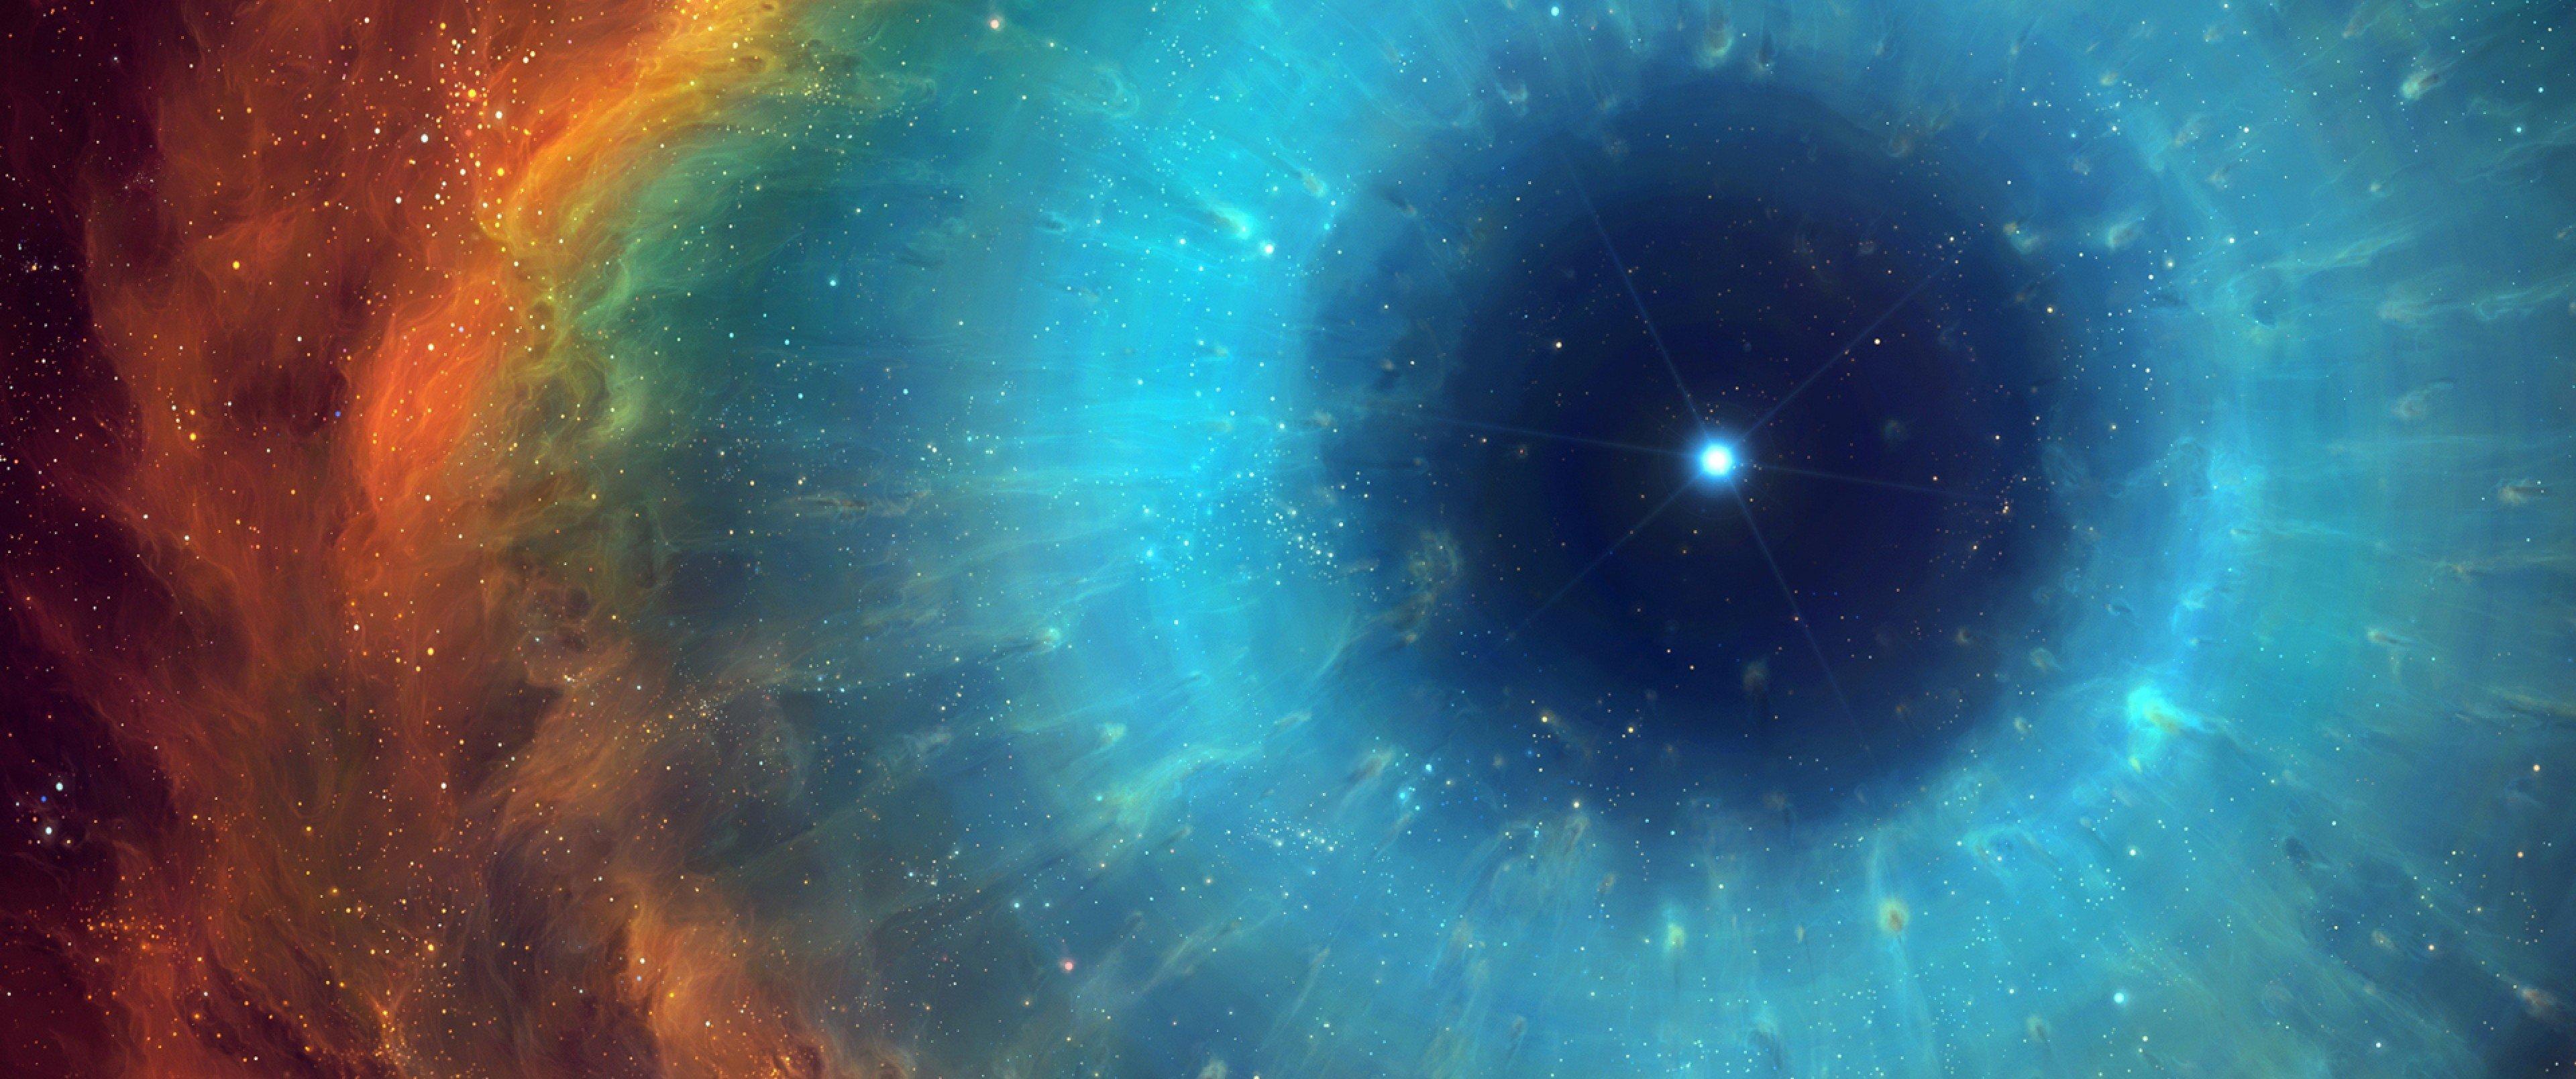 space, Colorful, Nebula, Stars, Helix nebula Wallpaper